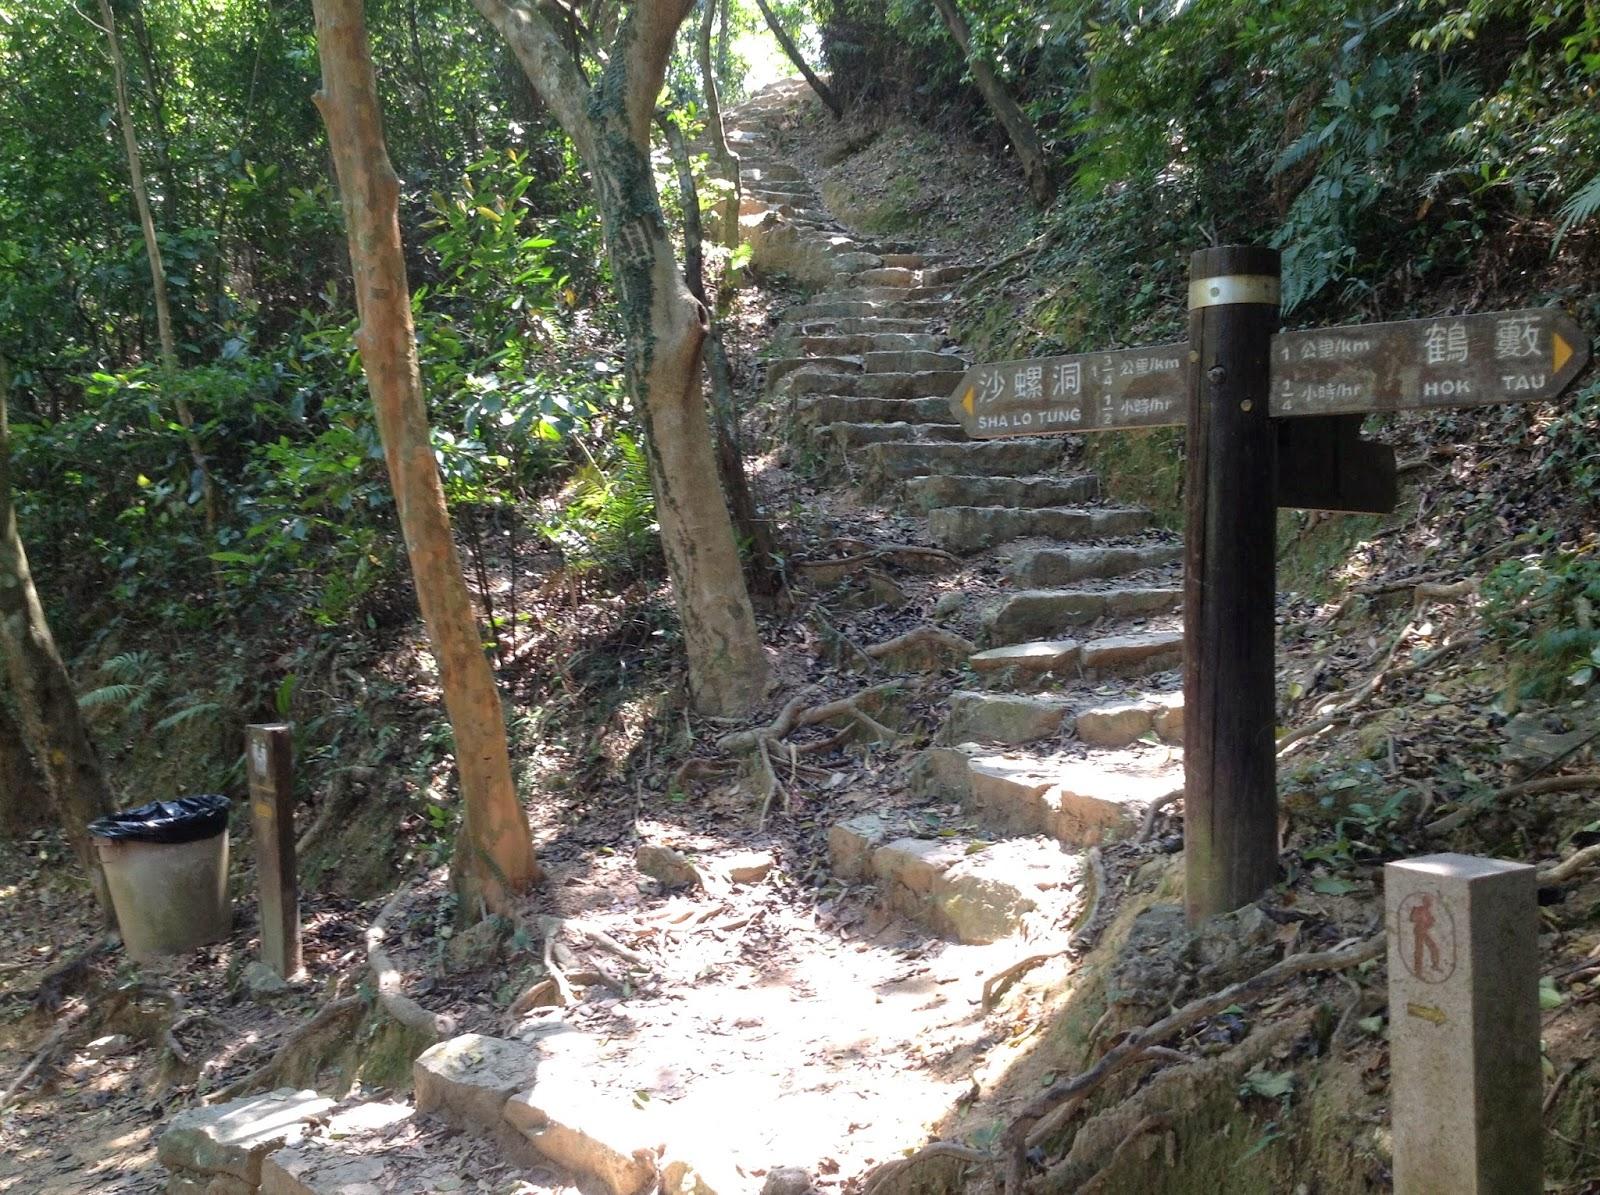 HK Hiking @旅遊樂悠悠.com: WT9_衛奕信徑第九段:九龍坑山 ,鶴藪水塘,八仙嶺郊野公園 ,仙姑峰